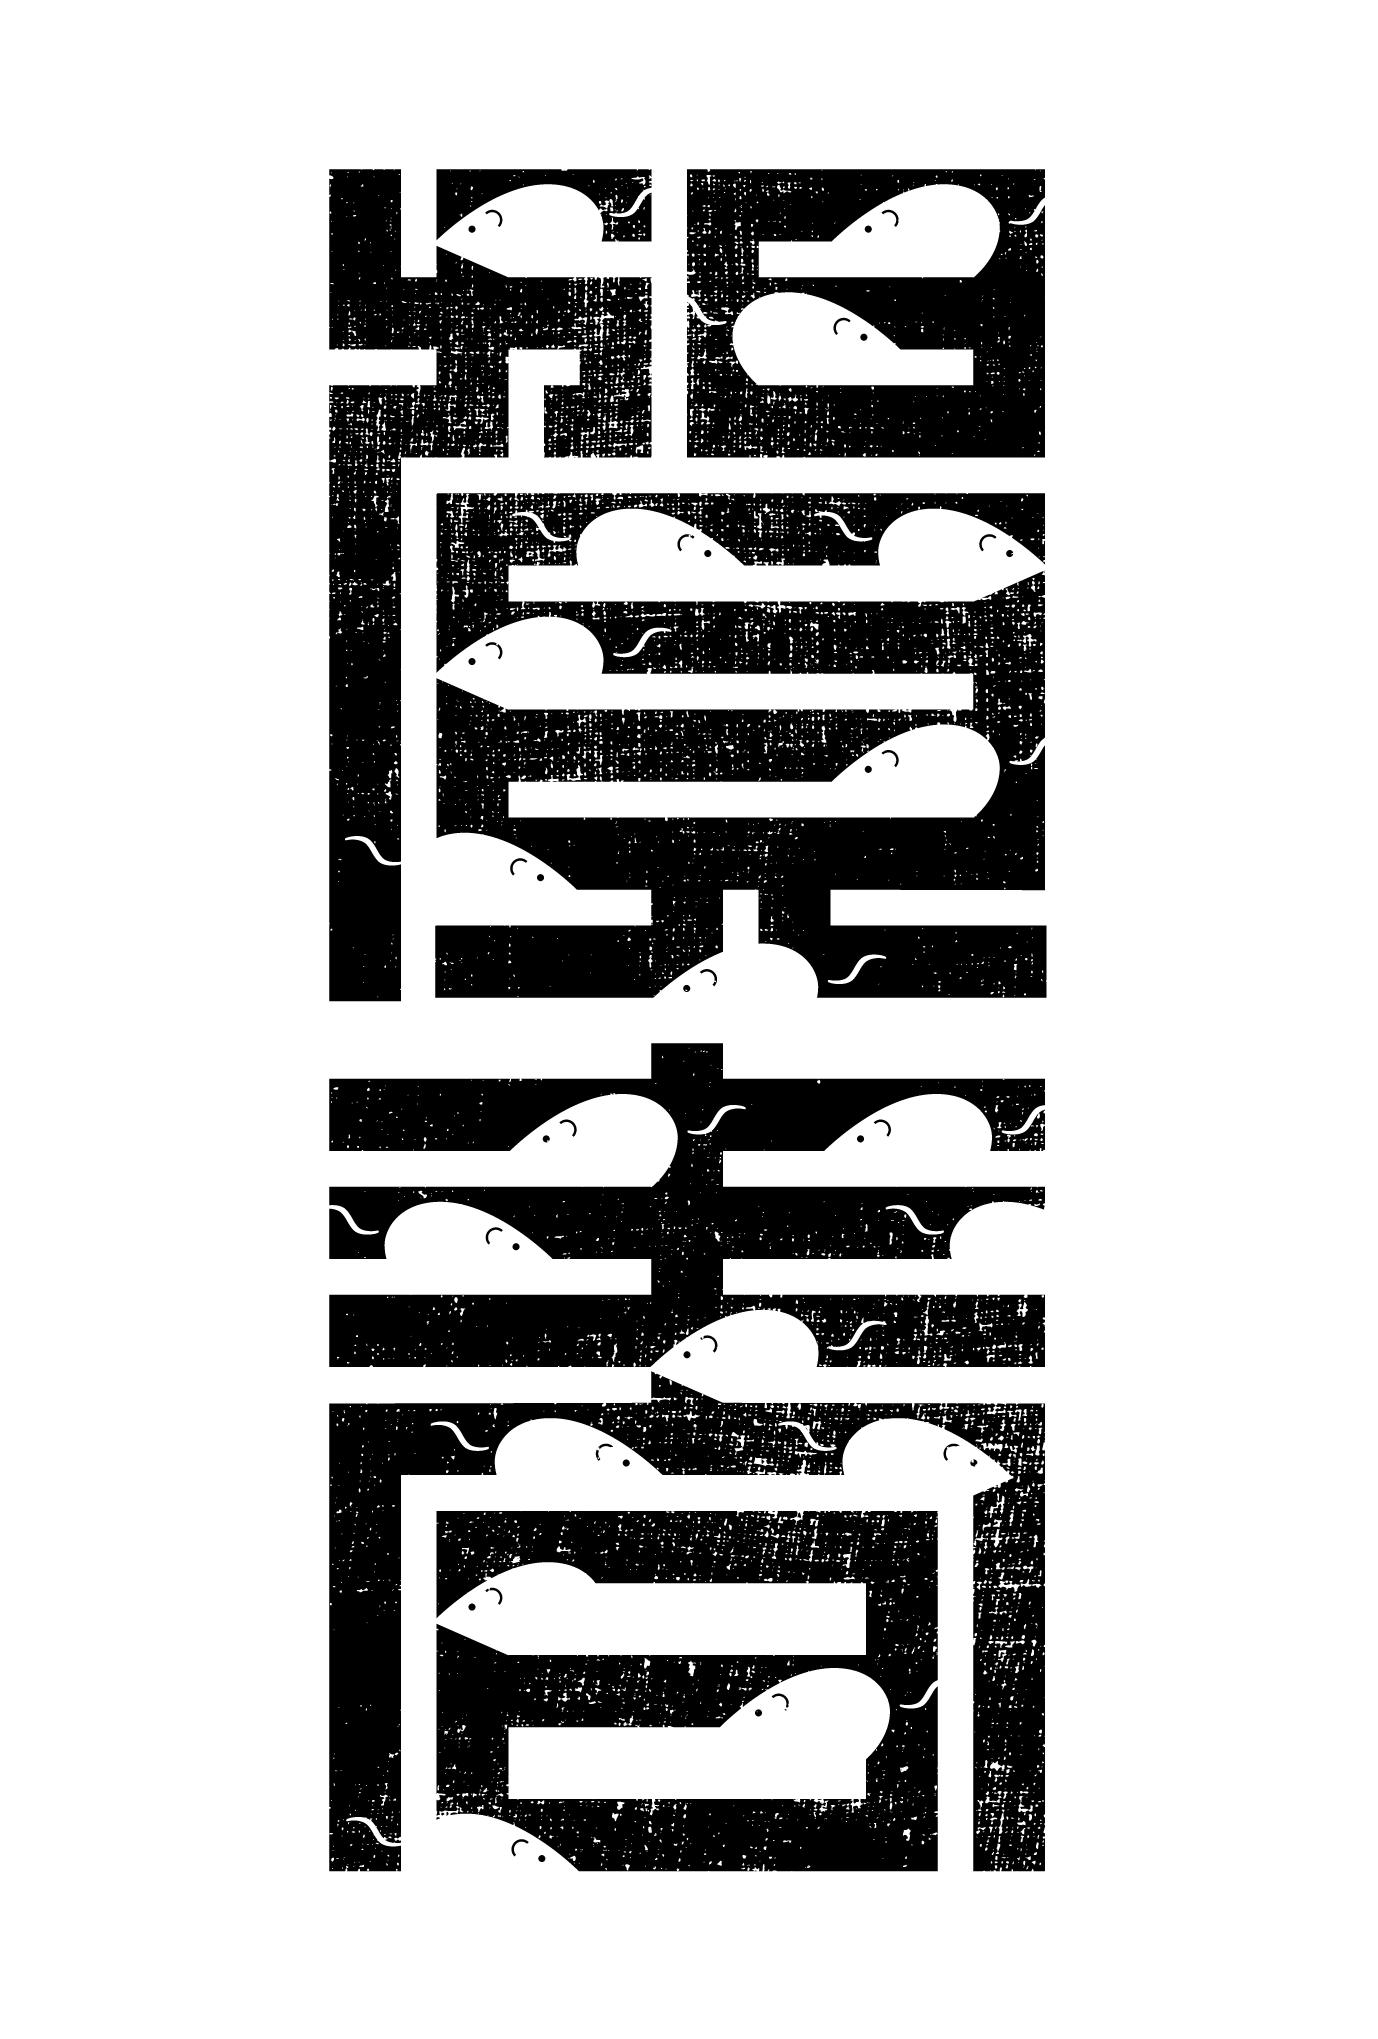 2020年賀状17-1:江戸角字(賀春)黒のダウンロード画像